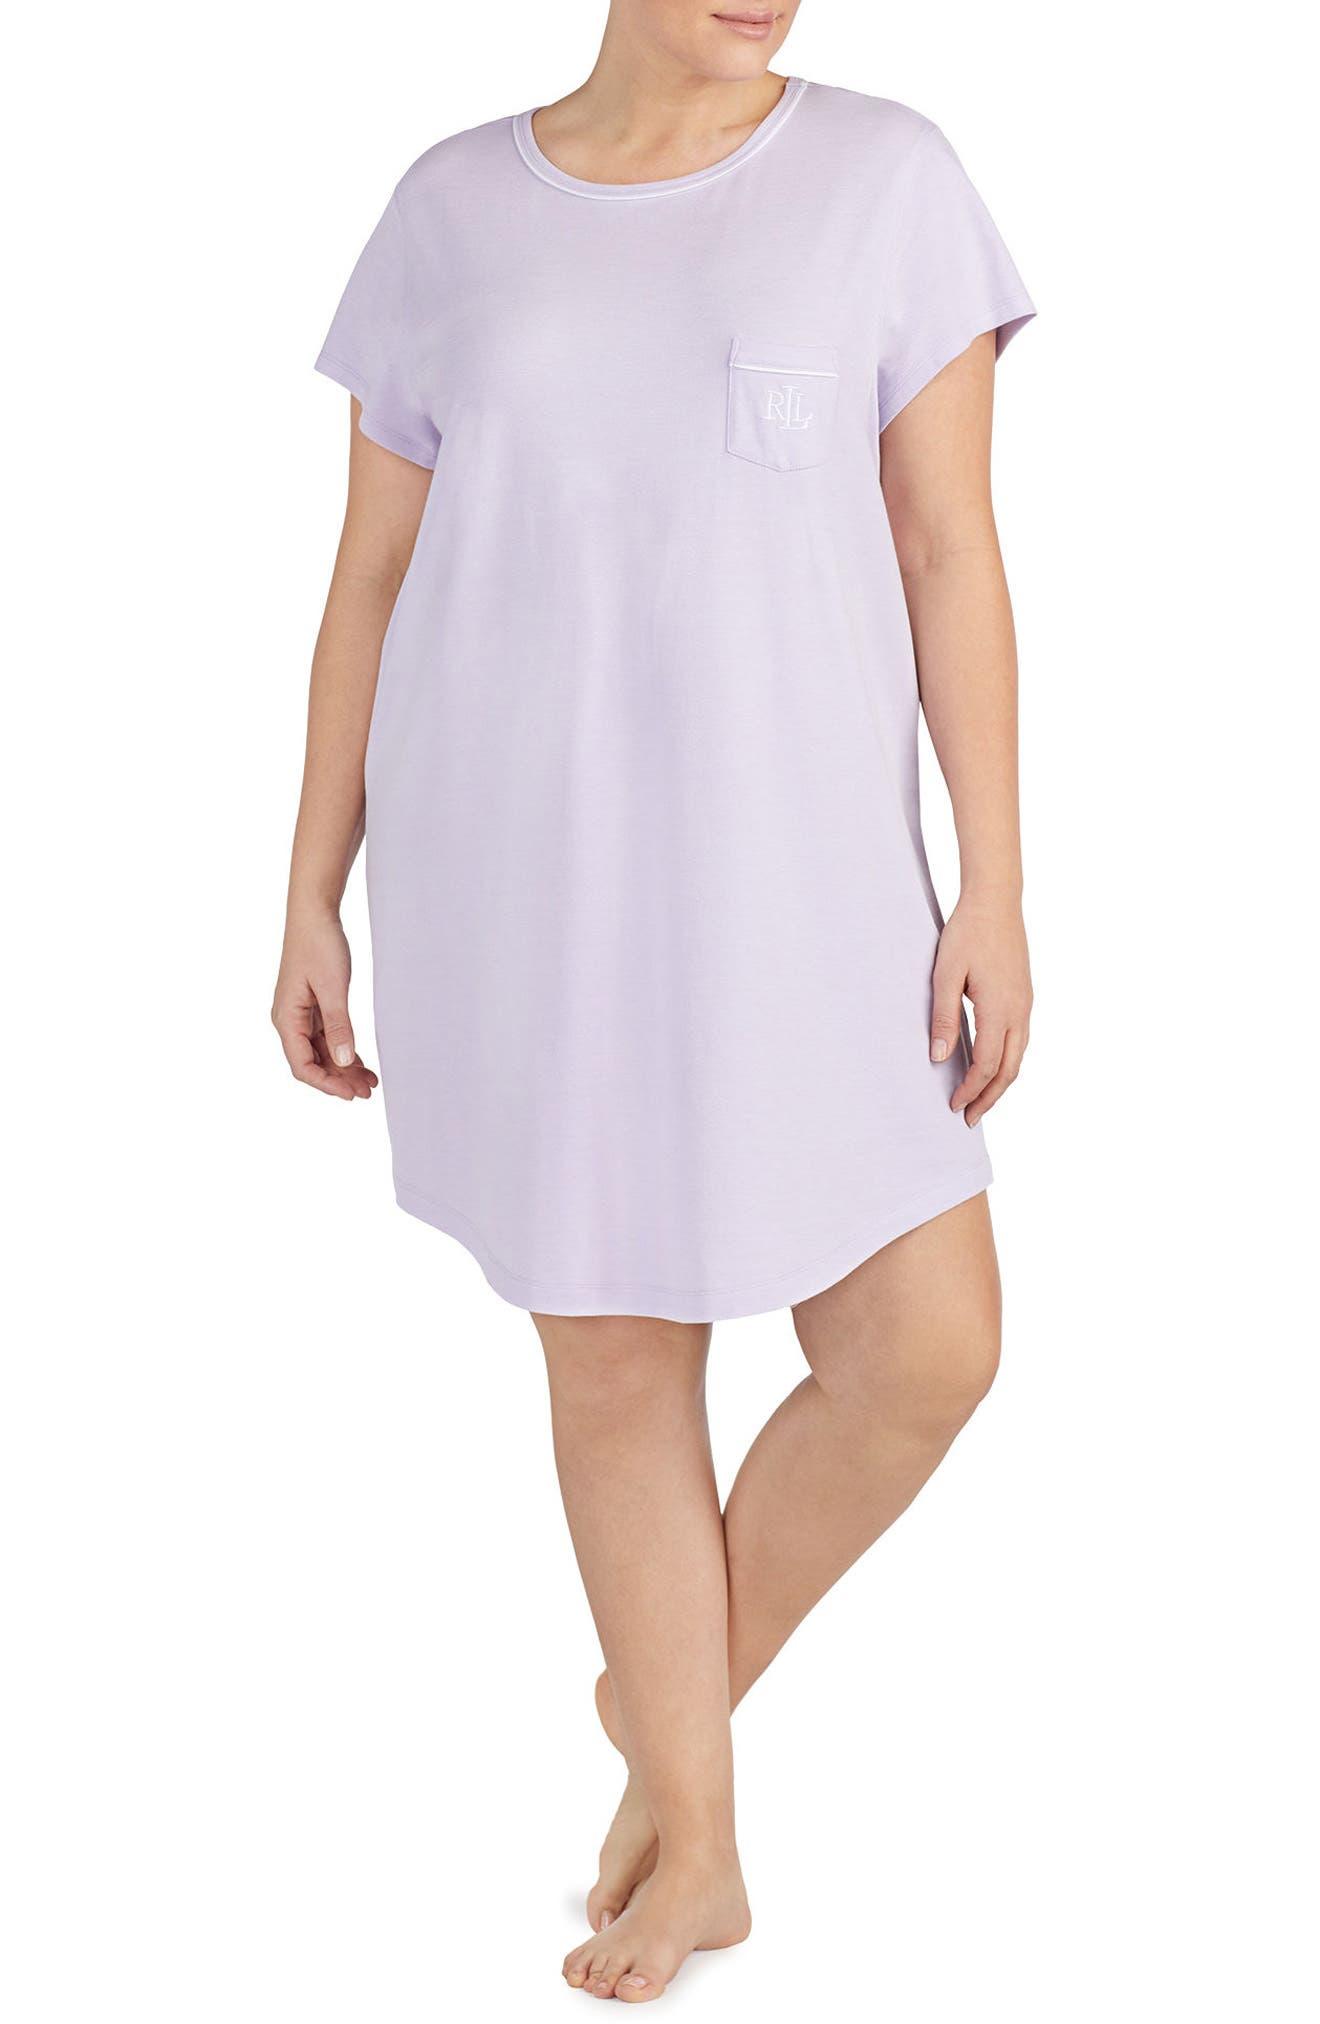 Alternate Image 1 Selected - Lauren Ralph Lauren Nightgown (Plus Size)